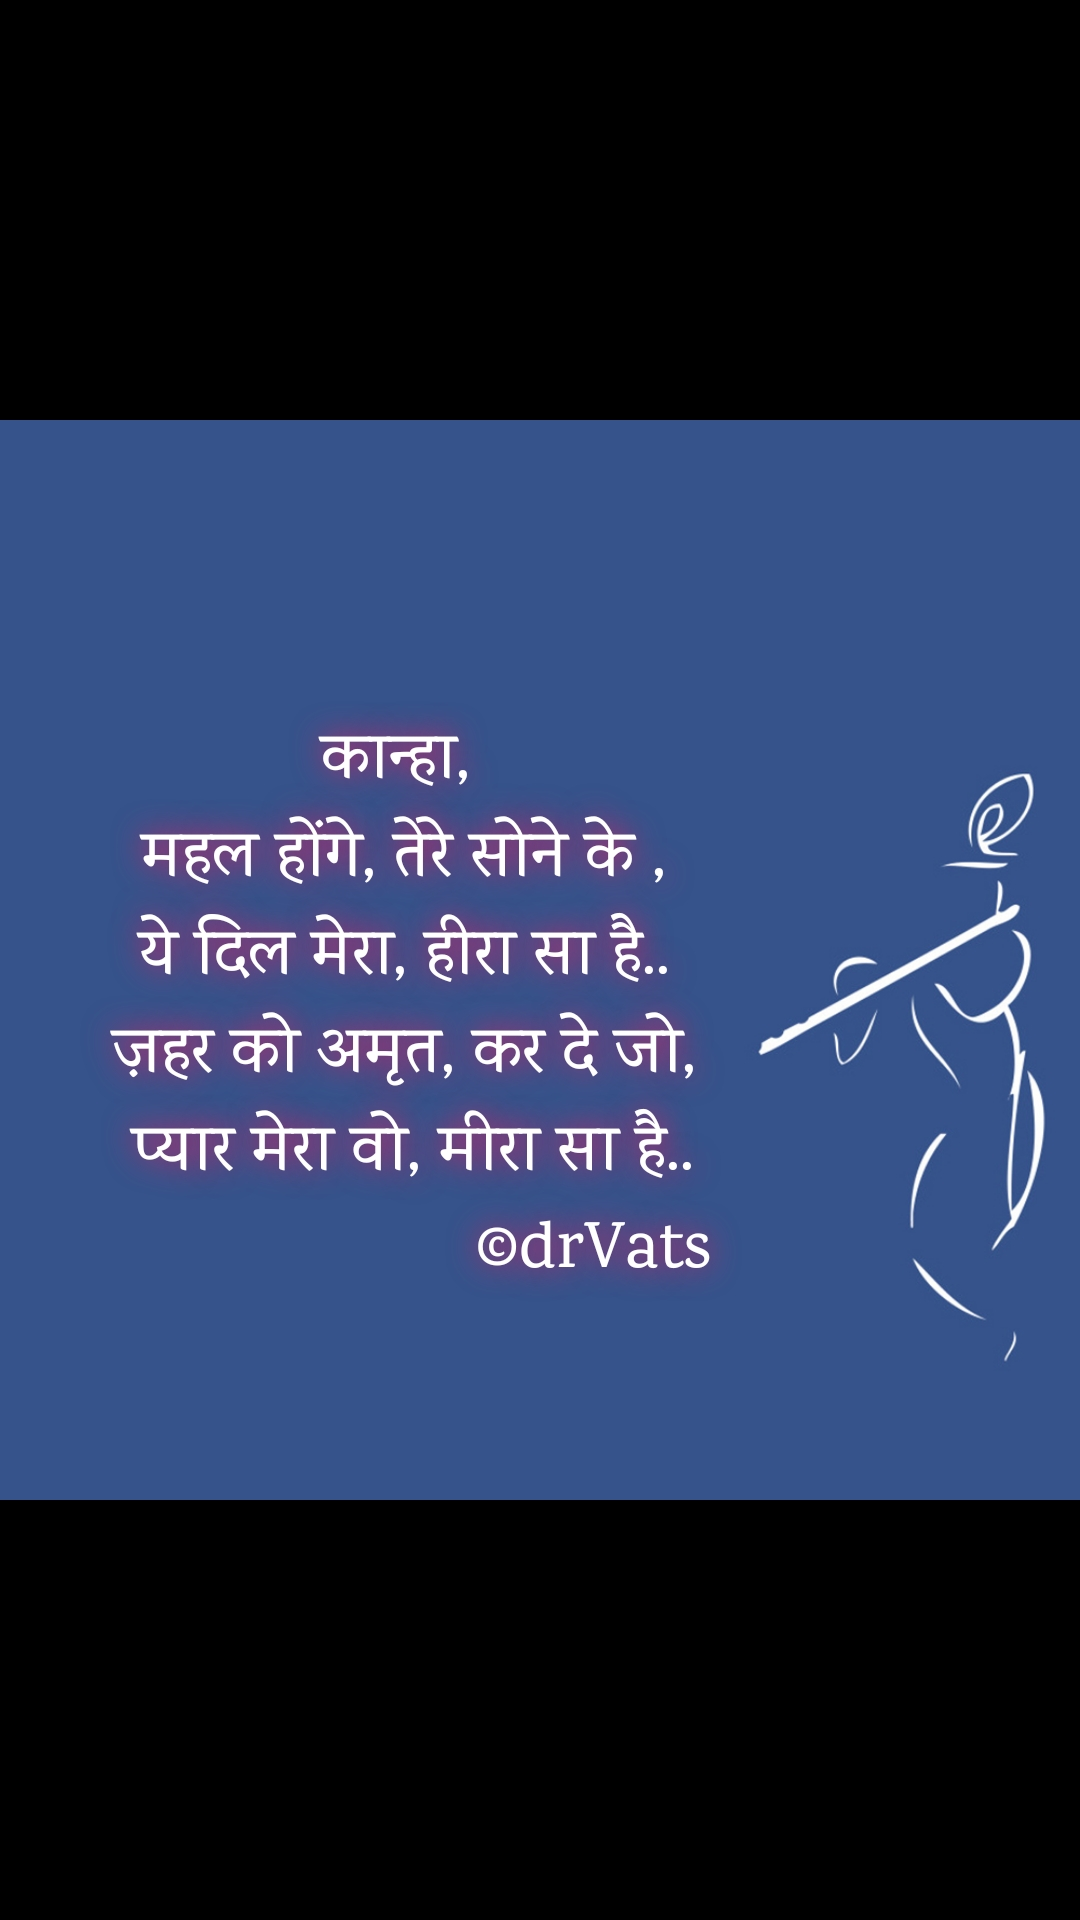 कान्हा,  महल होंगे, तेरे सोने के , ये दिल मेरा, हीरा सा है.. ज़हर को अमृत, कर दे जो,  प्यार मेरा वो, मीरा सा है..                       ©drVats